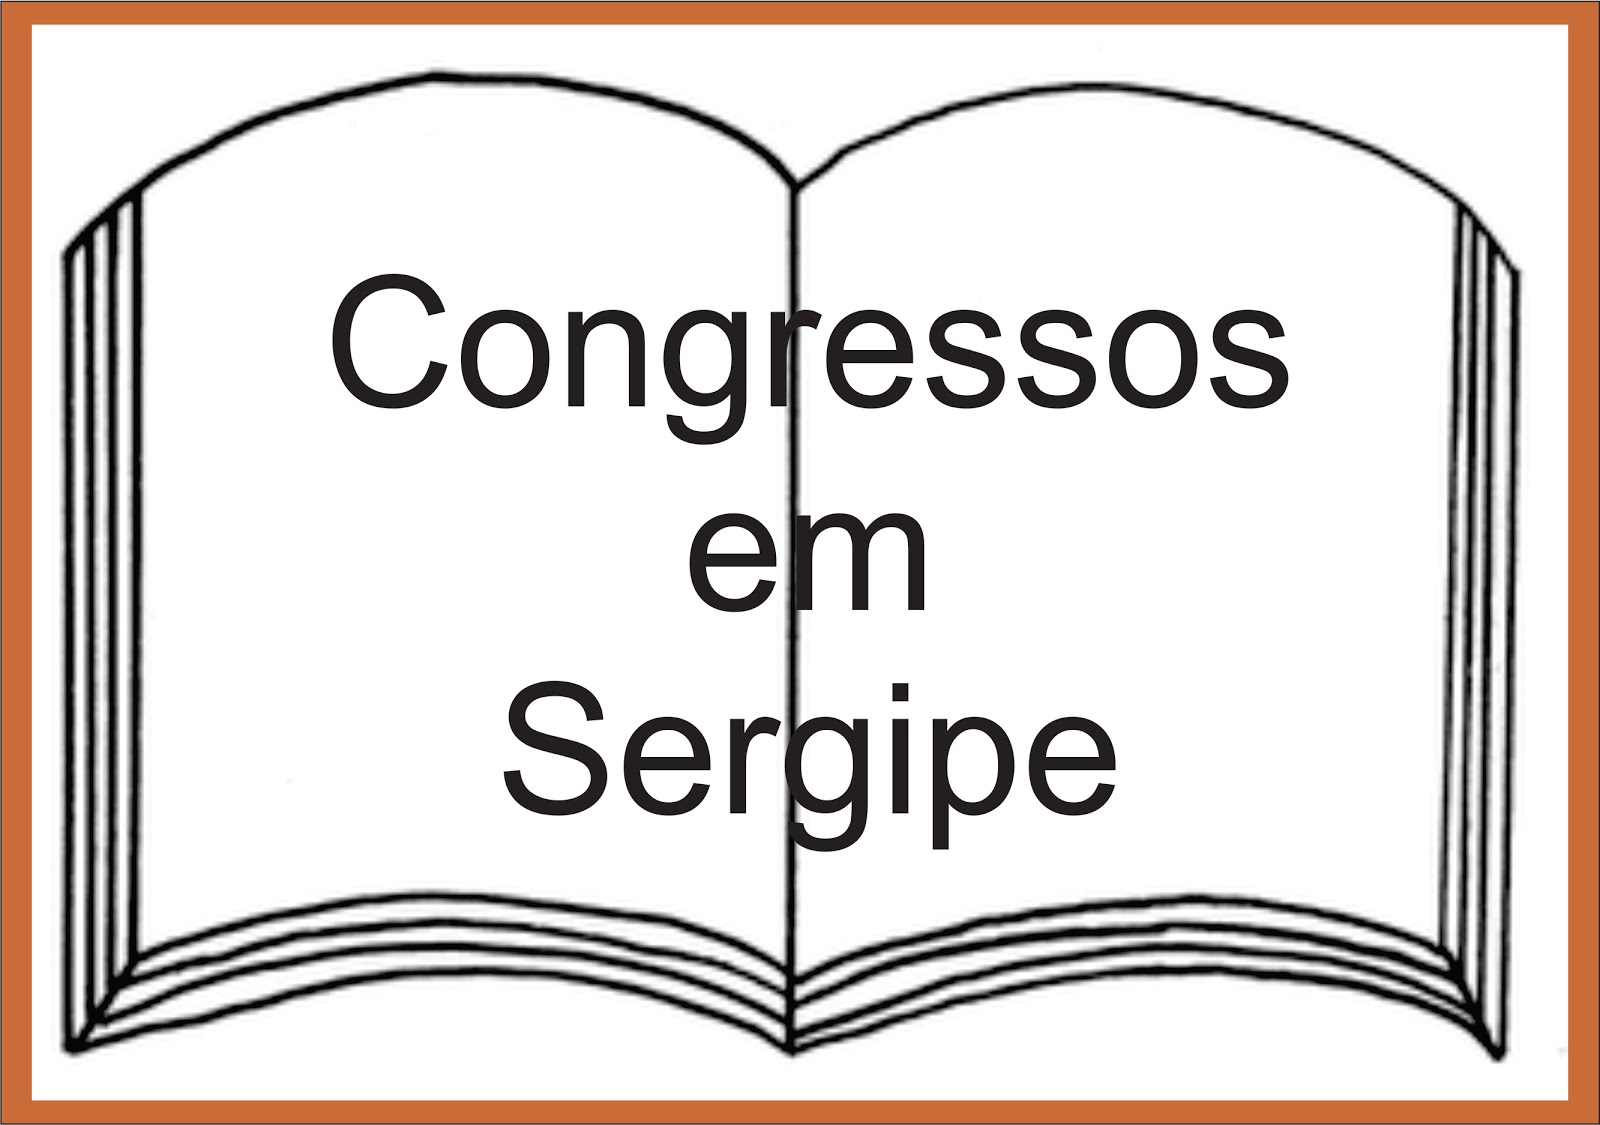 Congressos em Aracaju/Se